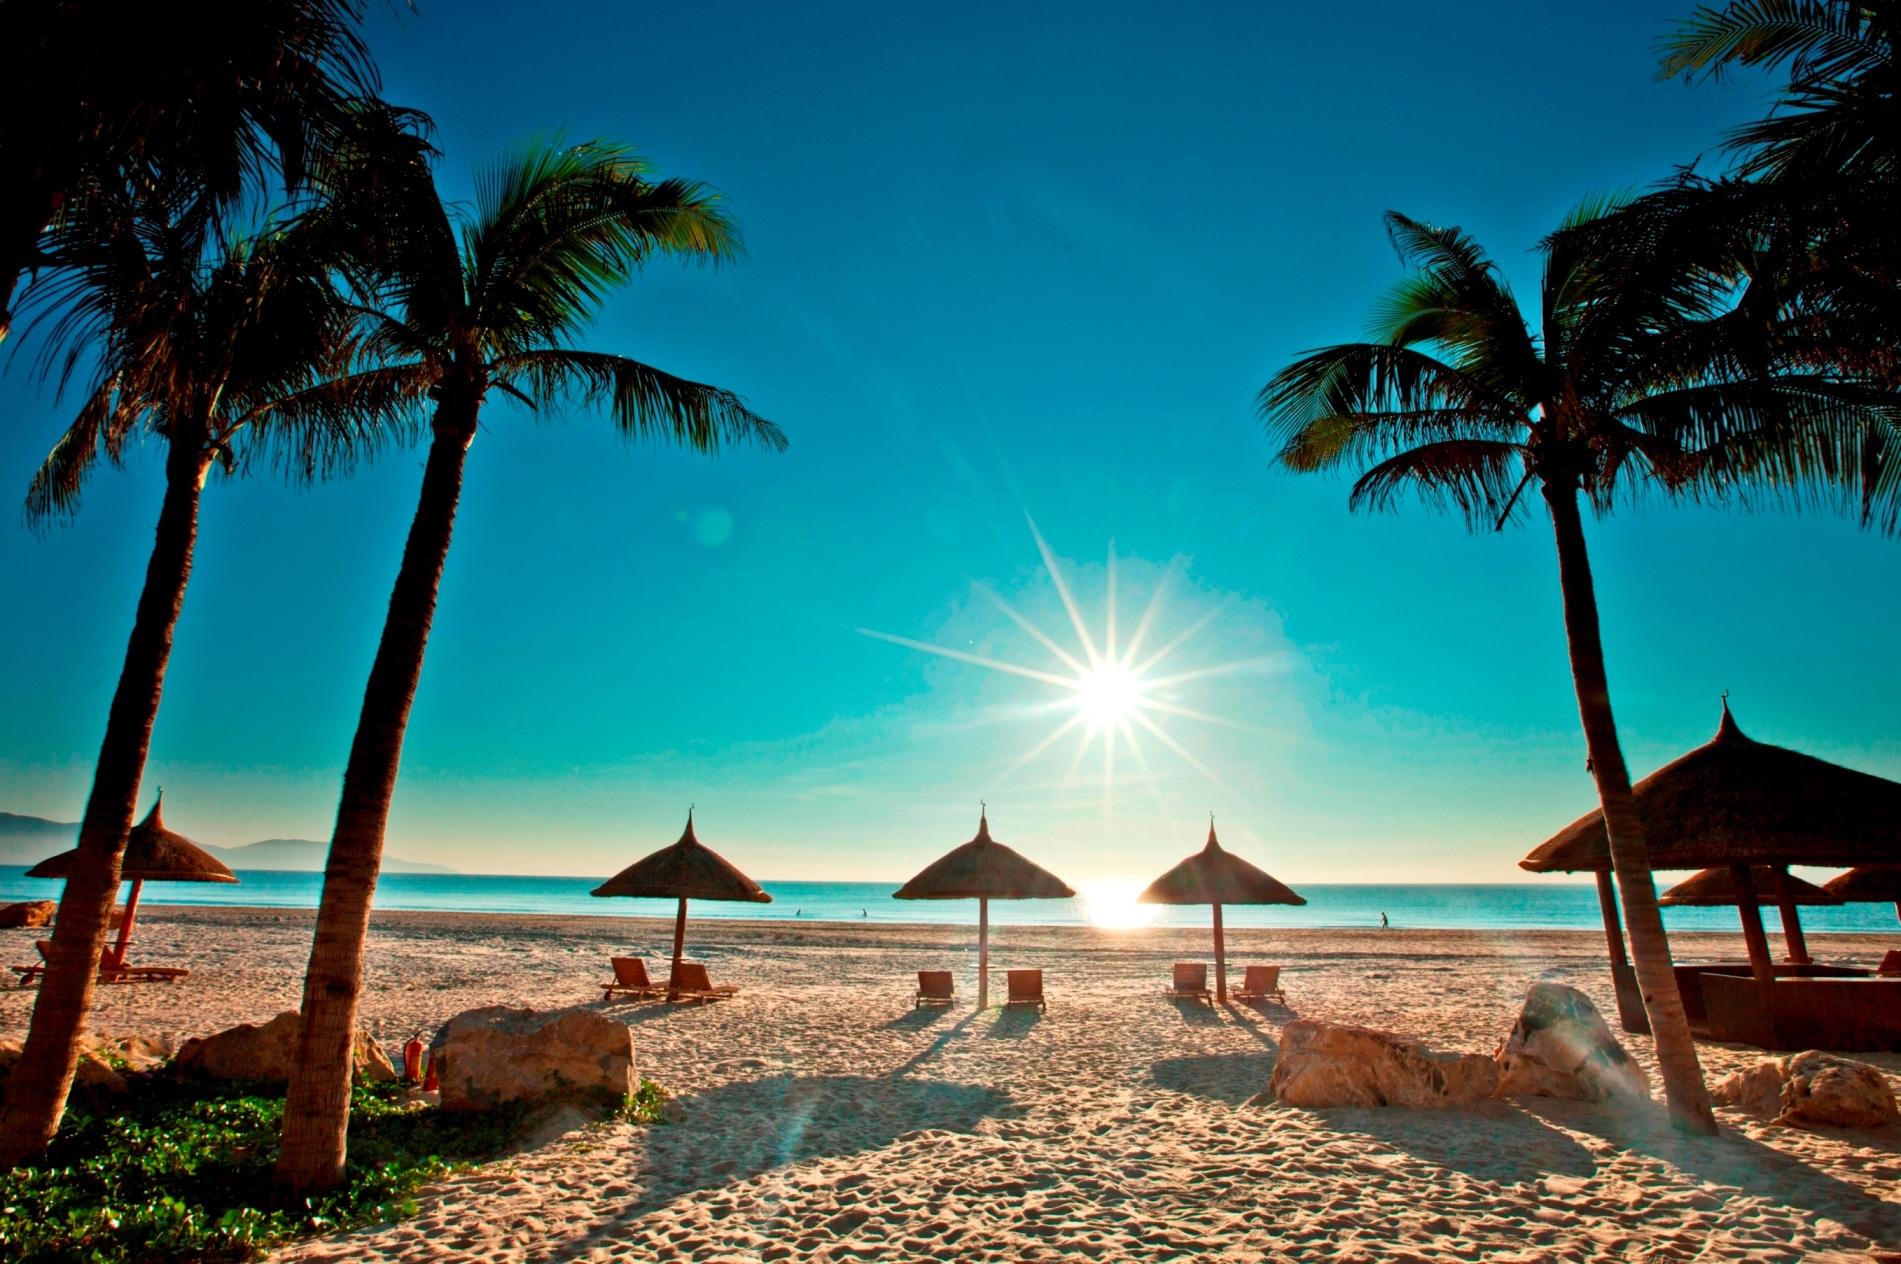 Những bãi biển ở Nha Trang tuyệt đẹp trong mọi thời điểm của ngày. ảnh: Du lịch Việt Nam.